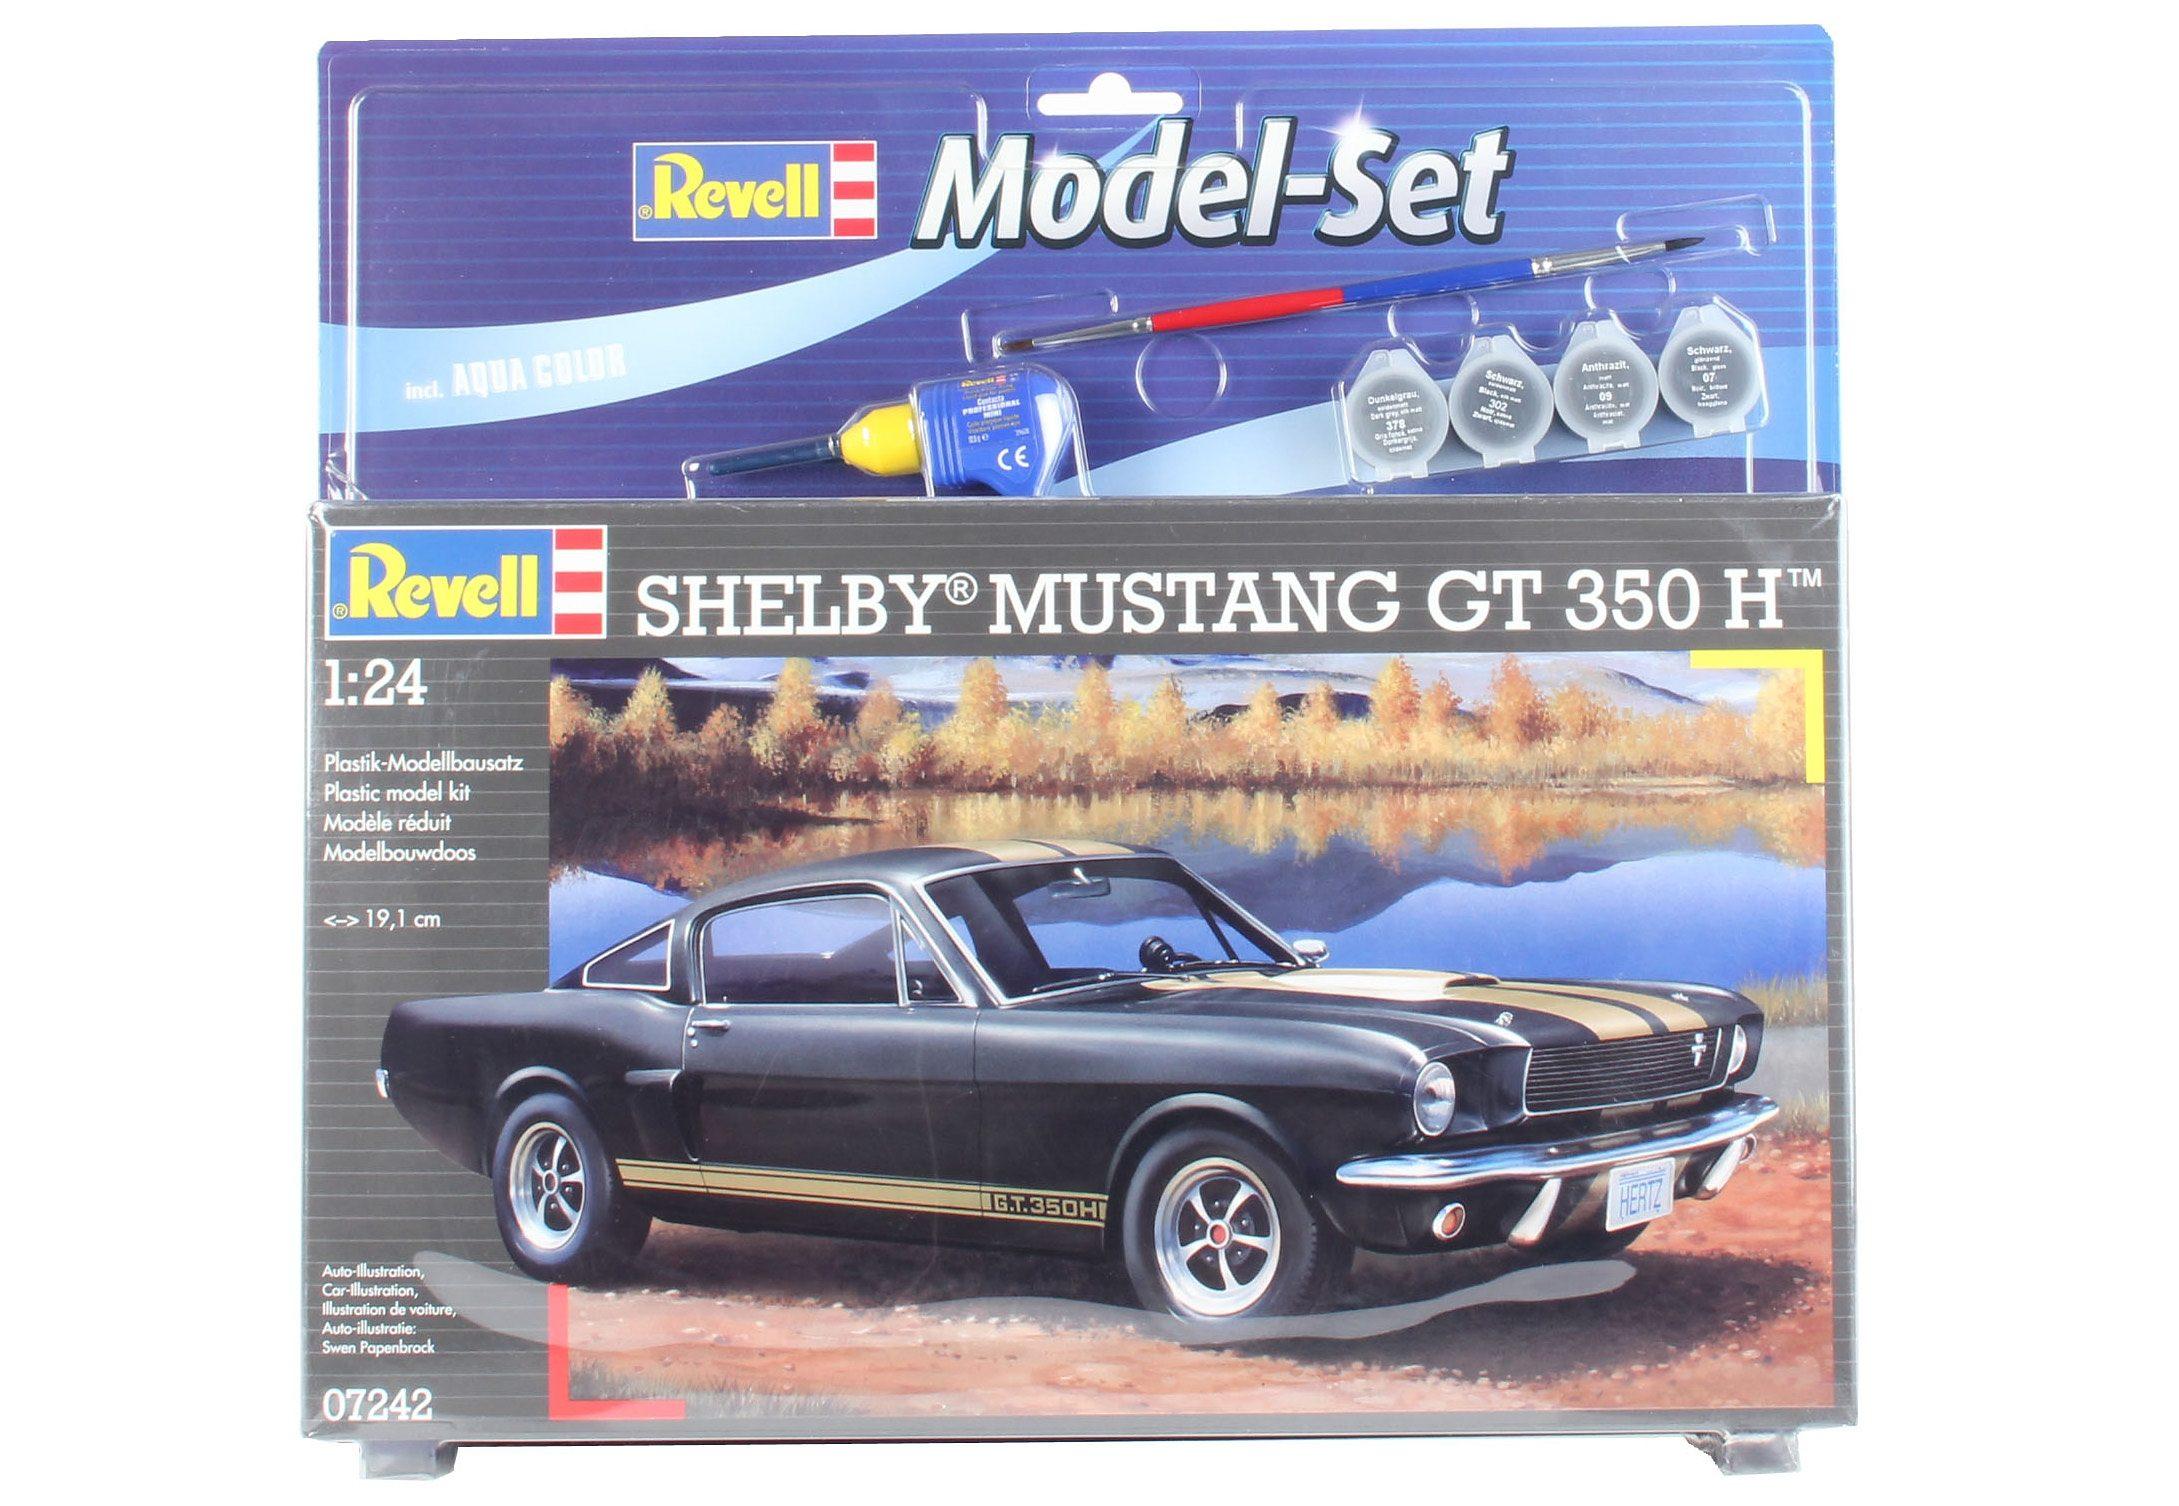 Revell Modellbausatz Auto mit Zubehör, Maßstab 1:24, »Shelby Mustang GT 350 H«